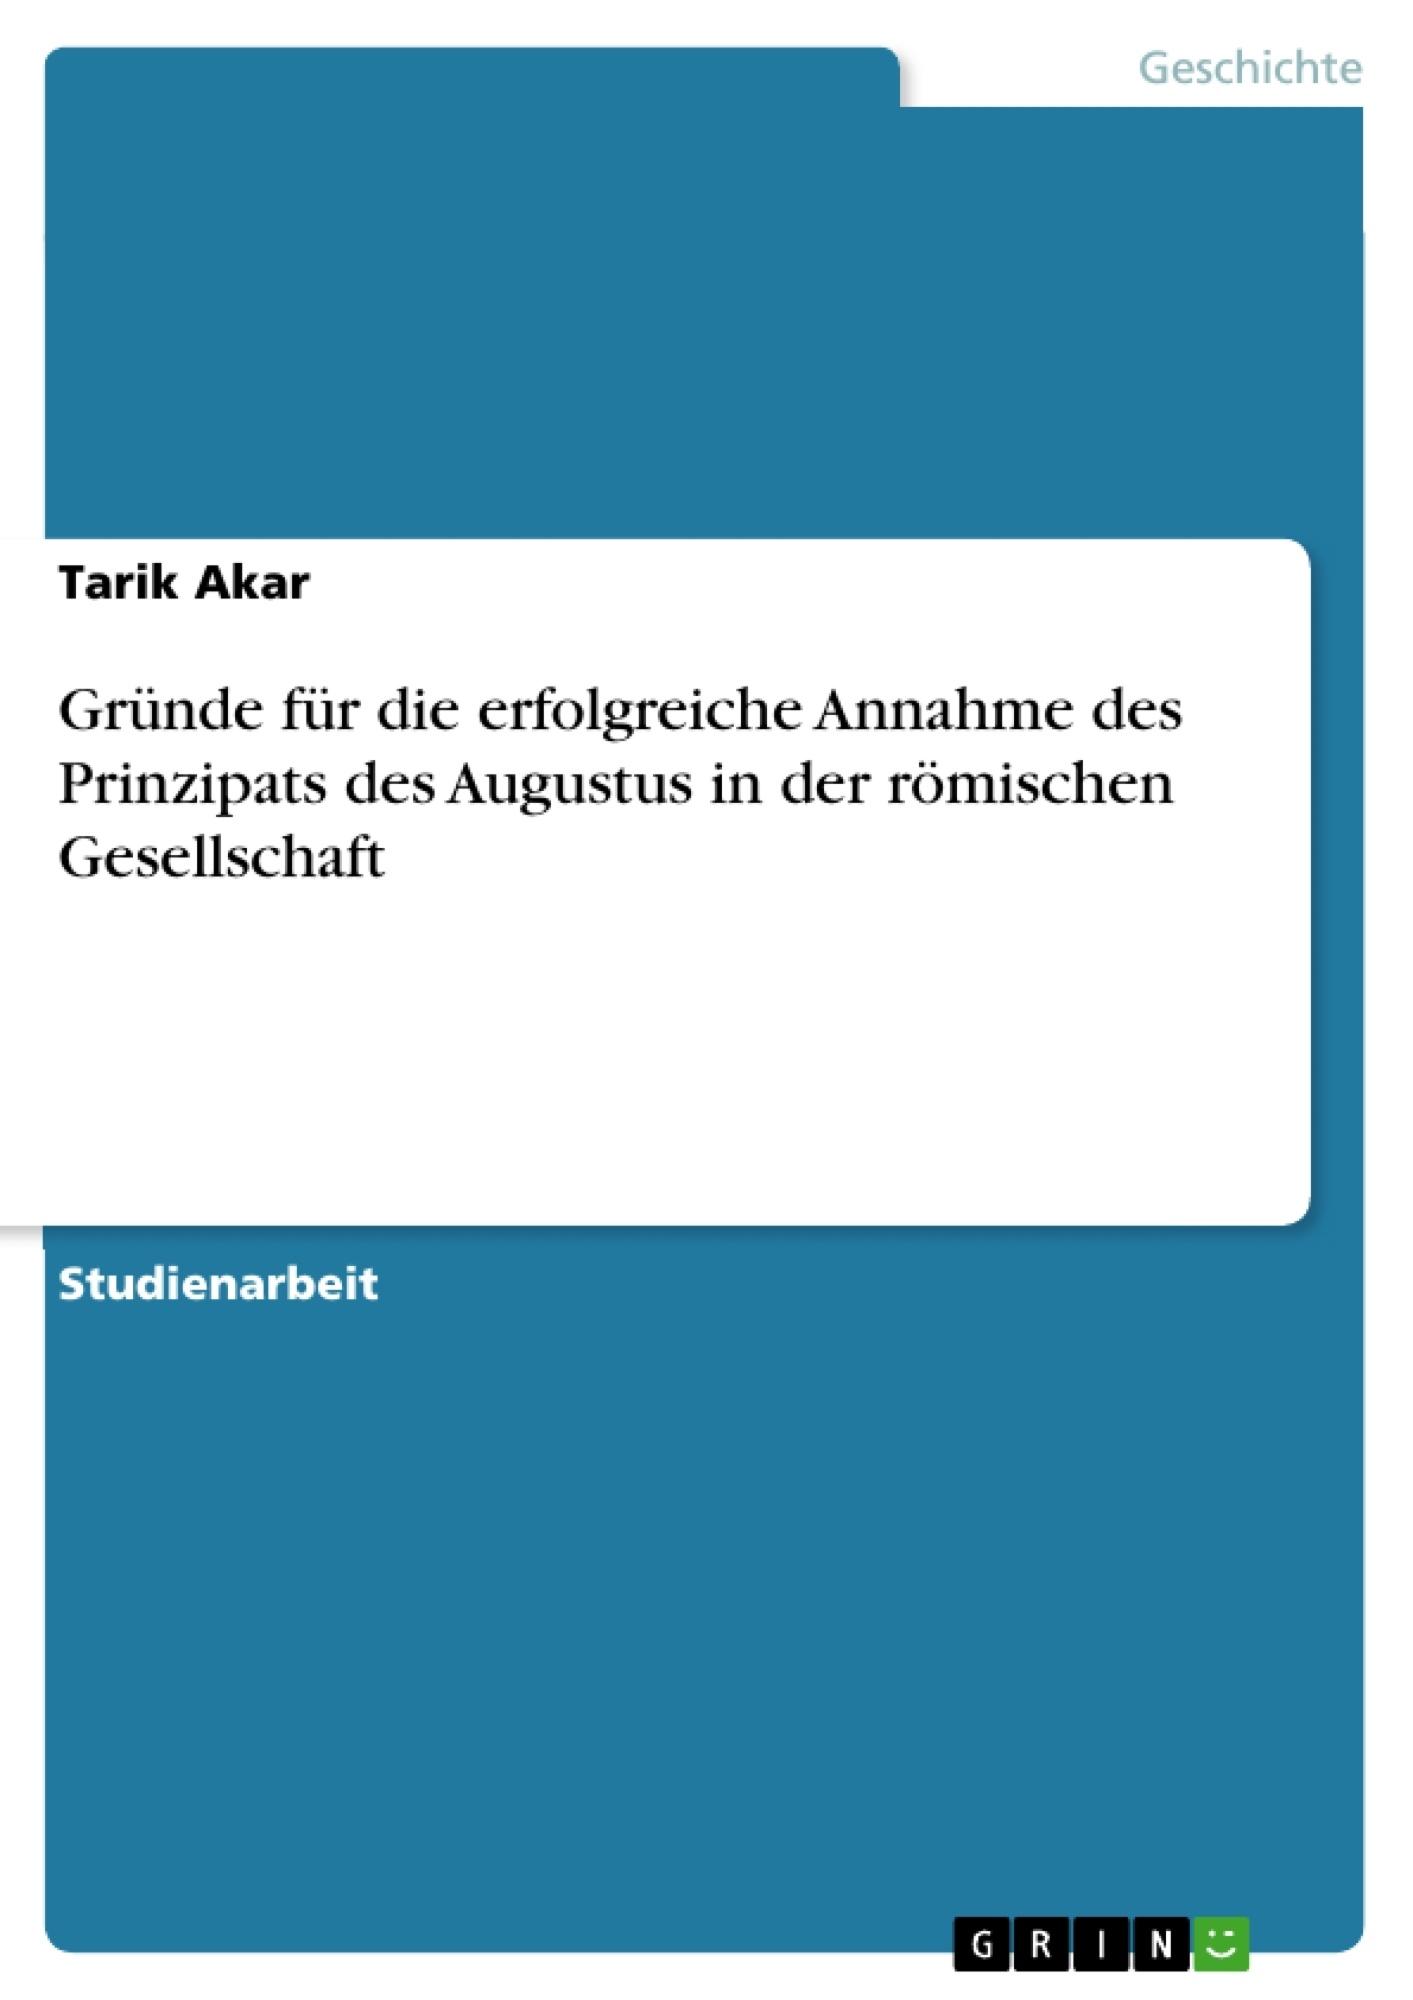 Titel: Gründe für die erfolgreiche Annahme des Prinzipats des Augustus in der römischen Gesellschaft